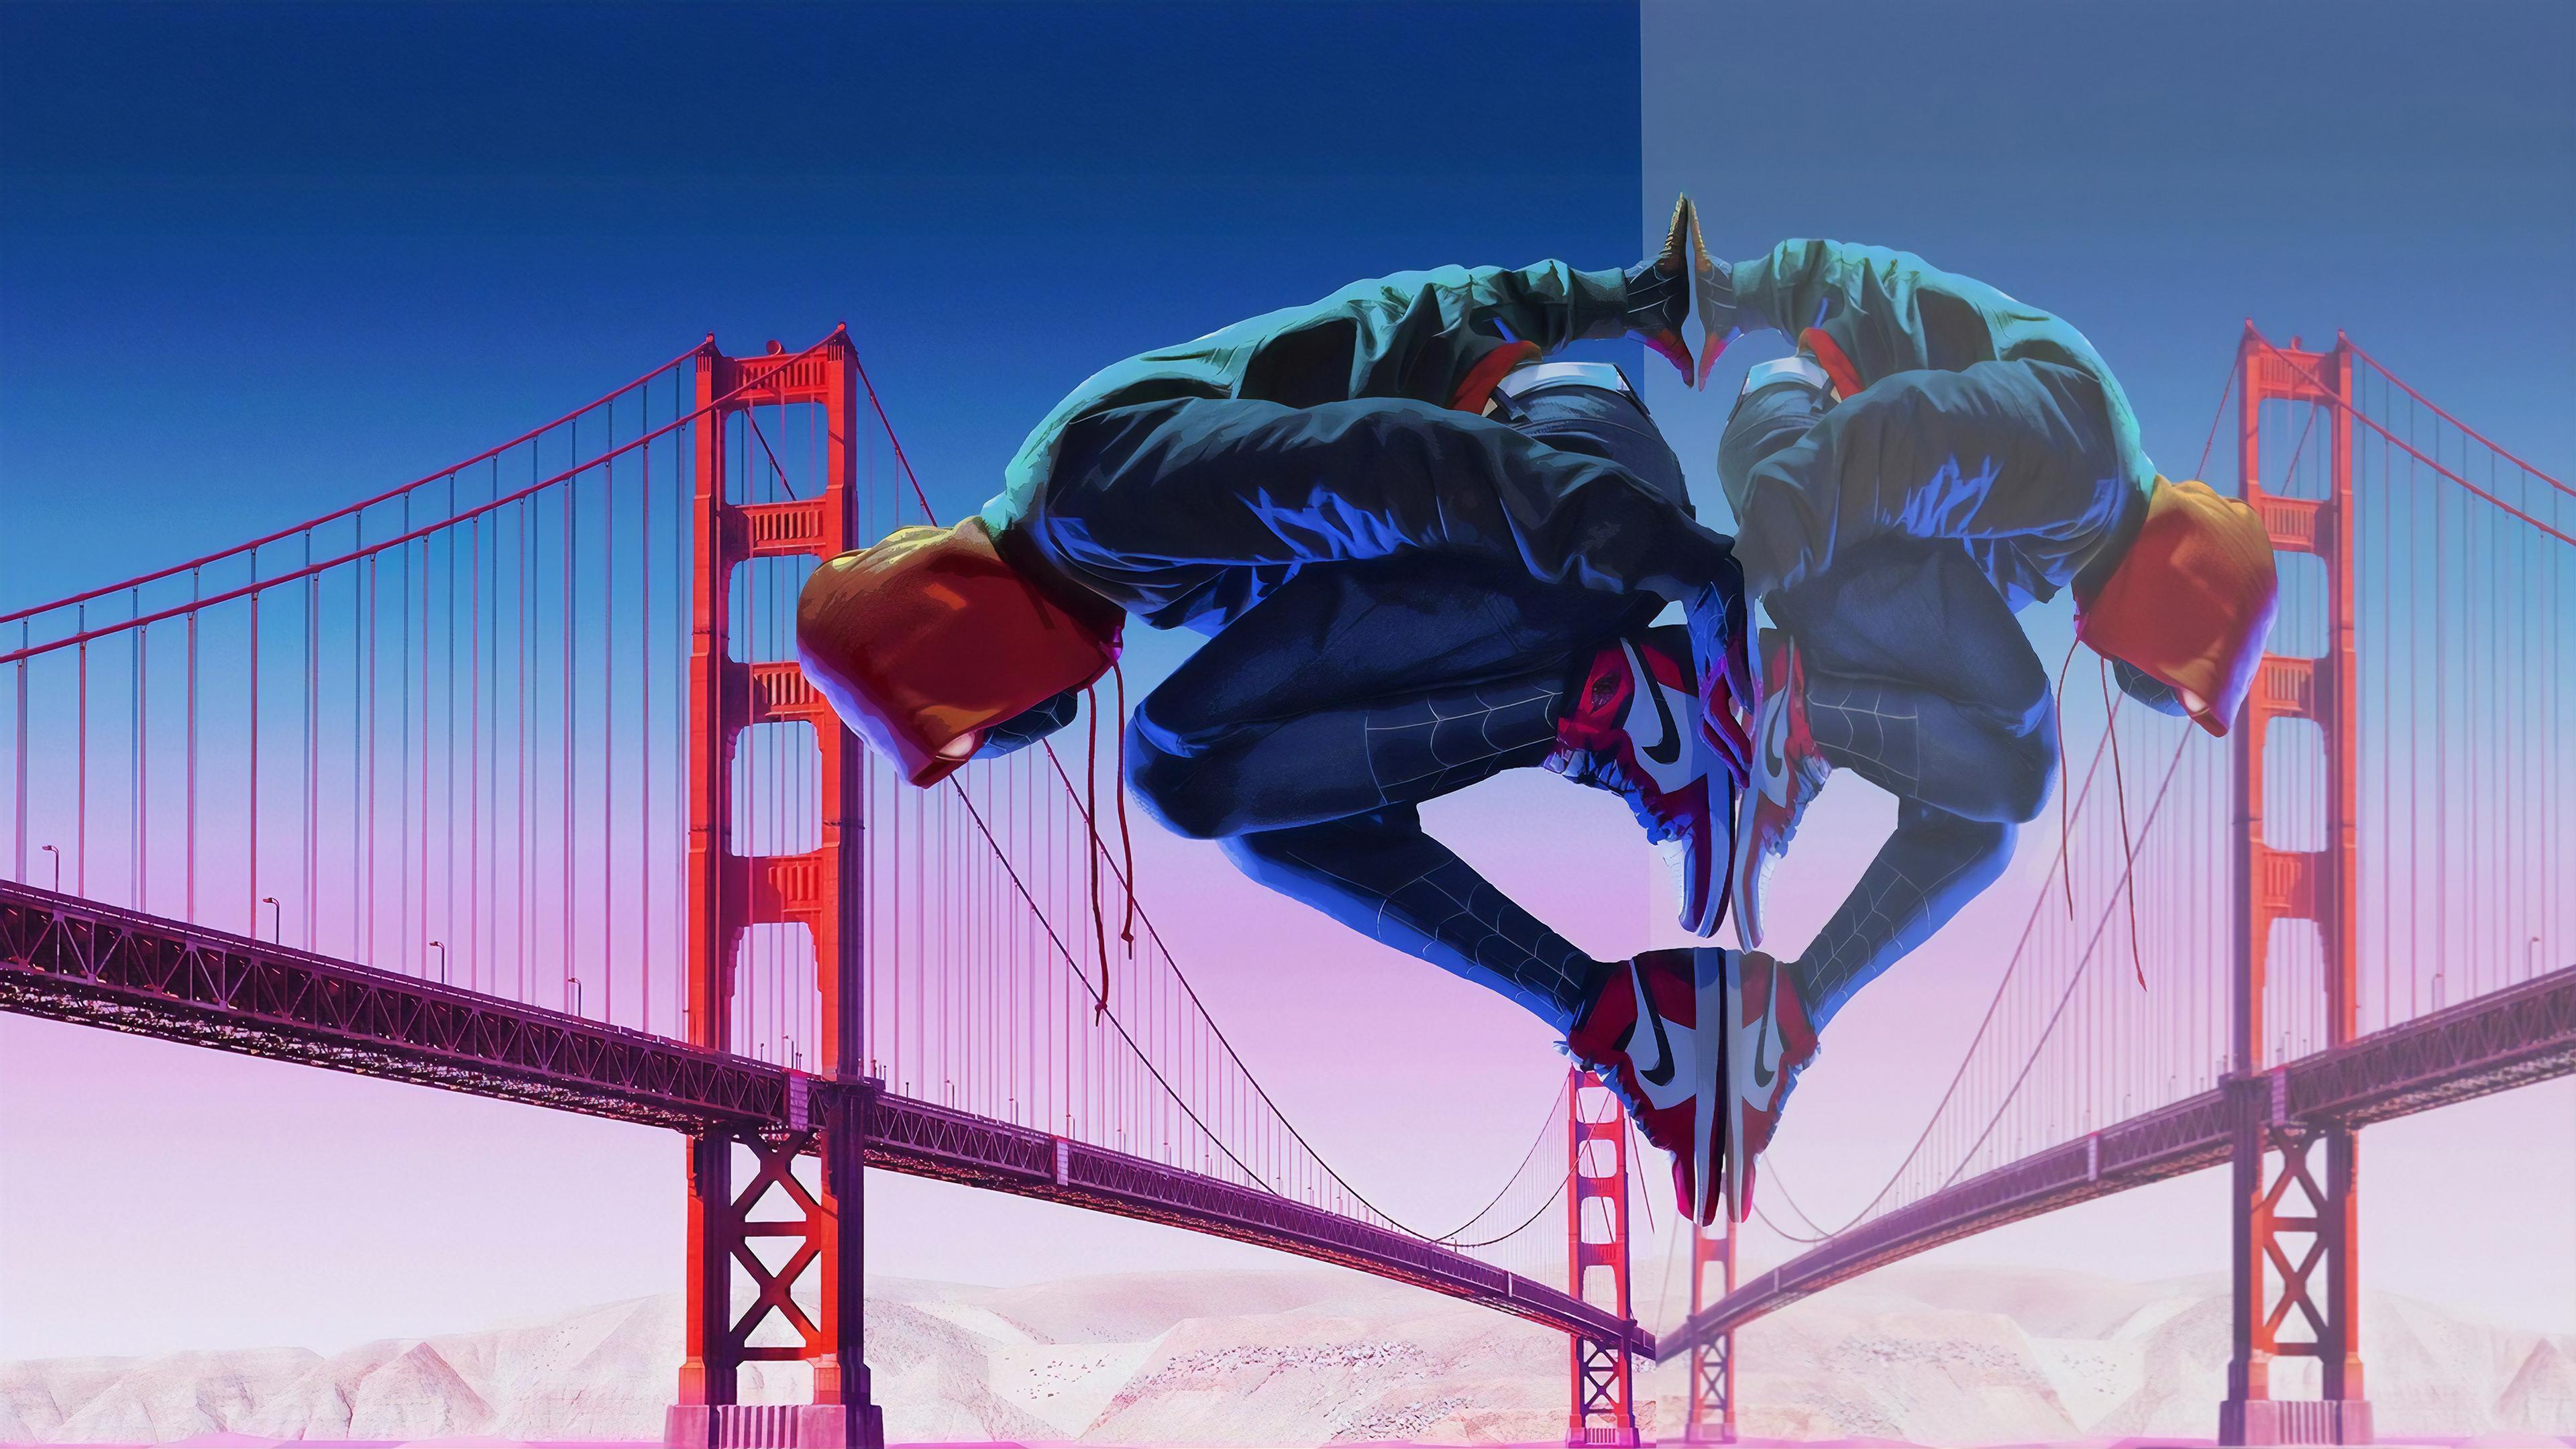 spiderman golden gate bridge 1565053265 - Spiderman Golden Gate Bridge - superheroes wallpapers, spiderman wallpapers, hd-wallpapers, digital art wallpapers, behance wallpapers, artwork wallpapers, artist wallpapers, 4k-wallpapers